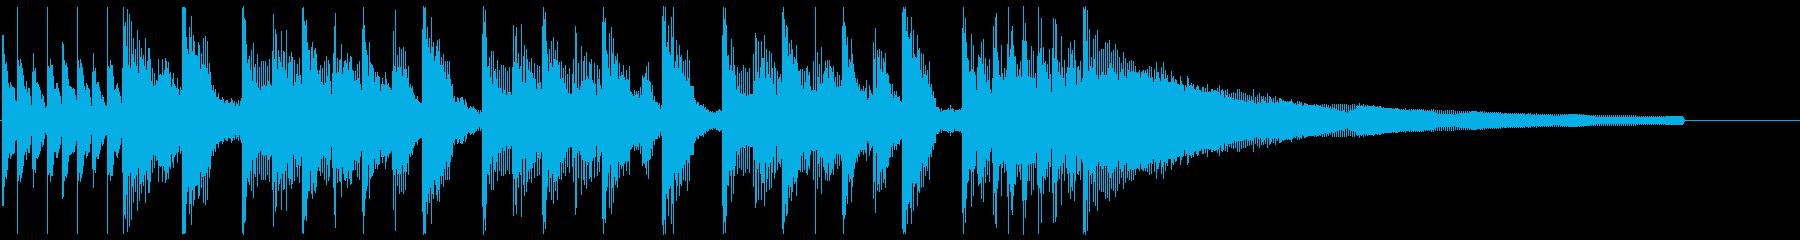 モータウン系キュート楽曲でゲスト登場sの再生済みの波形